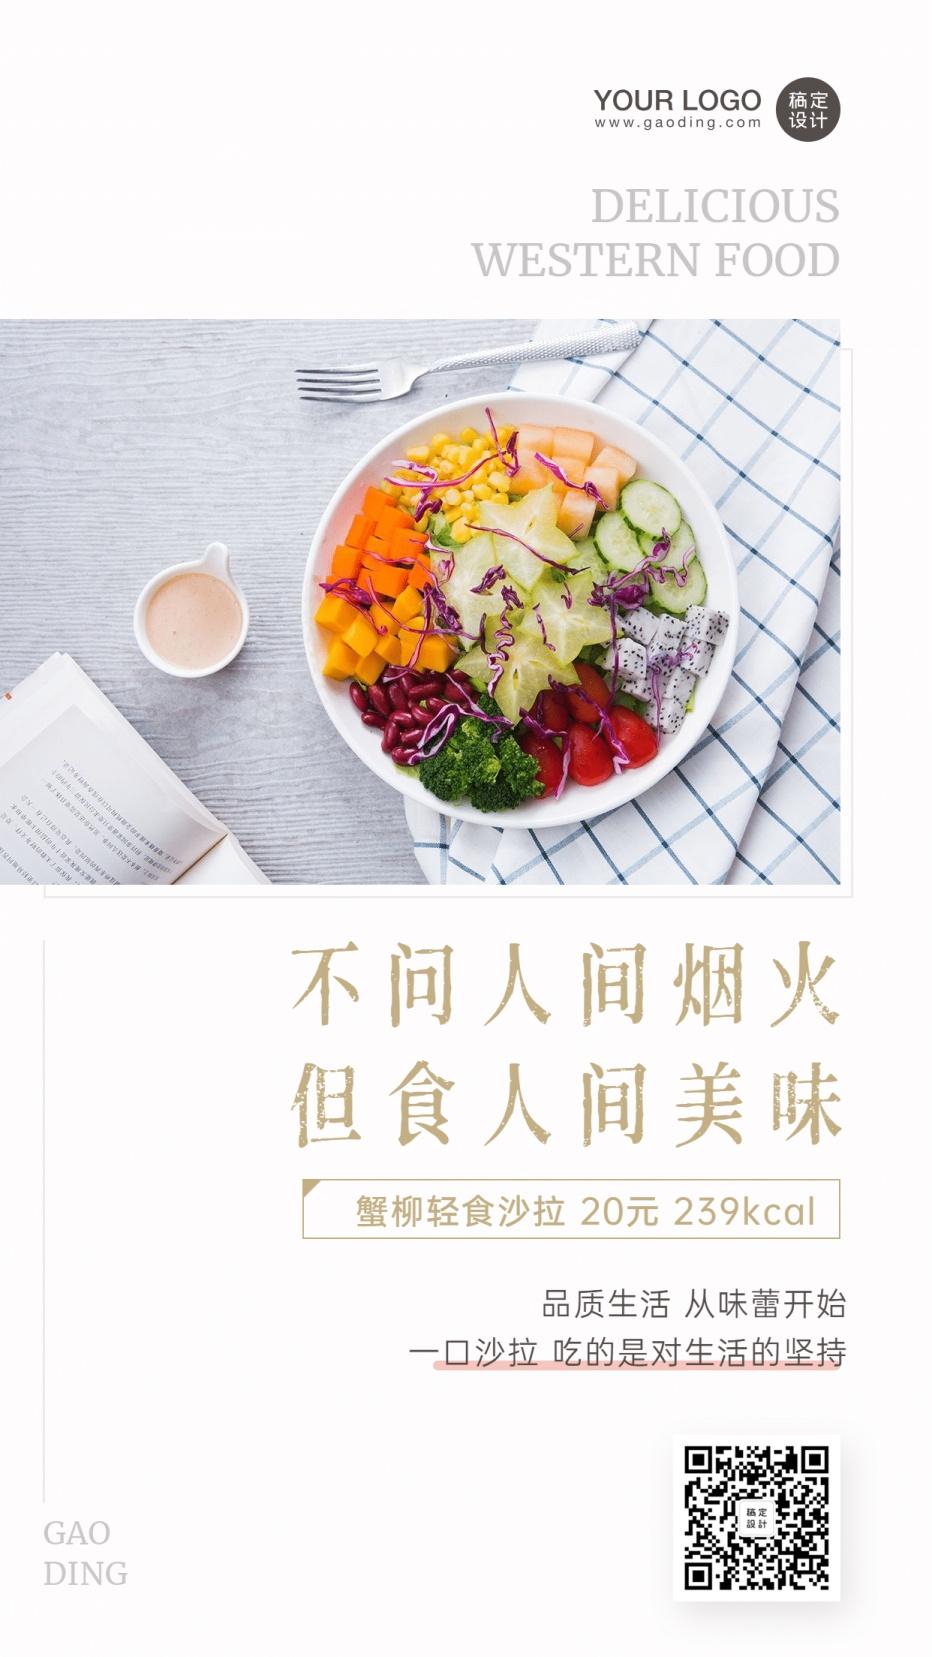 餐饮轻食大图展示海报